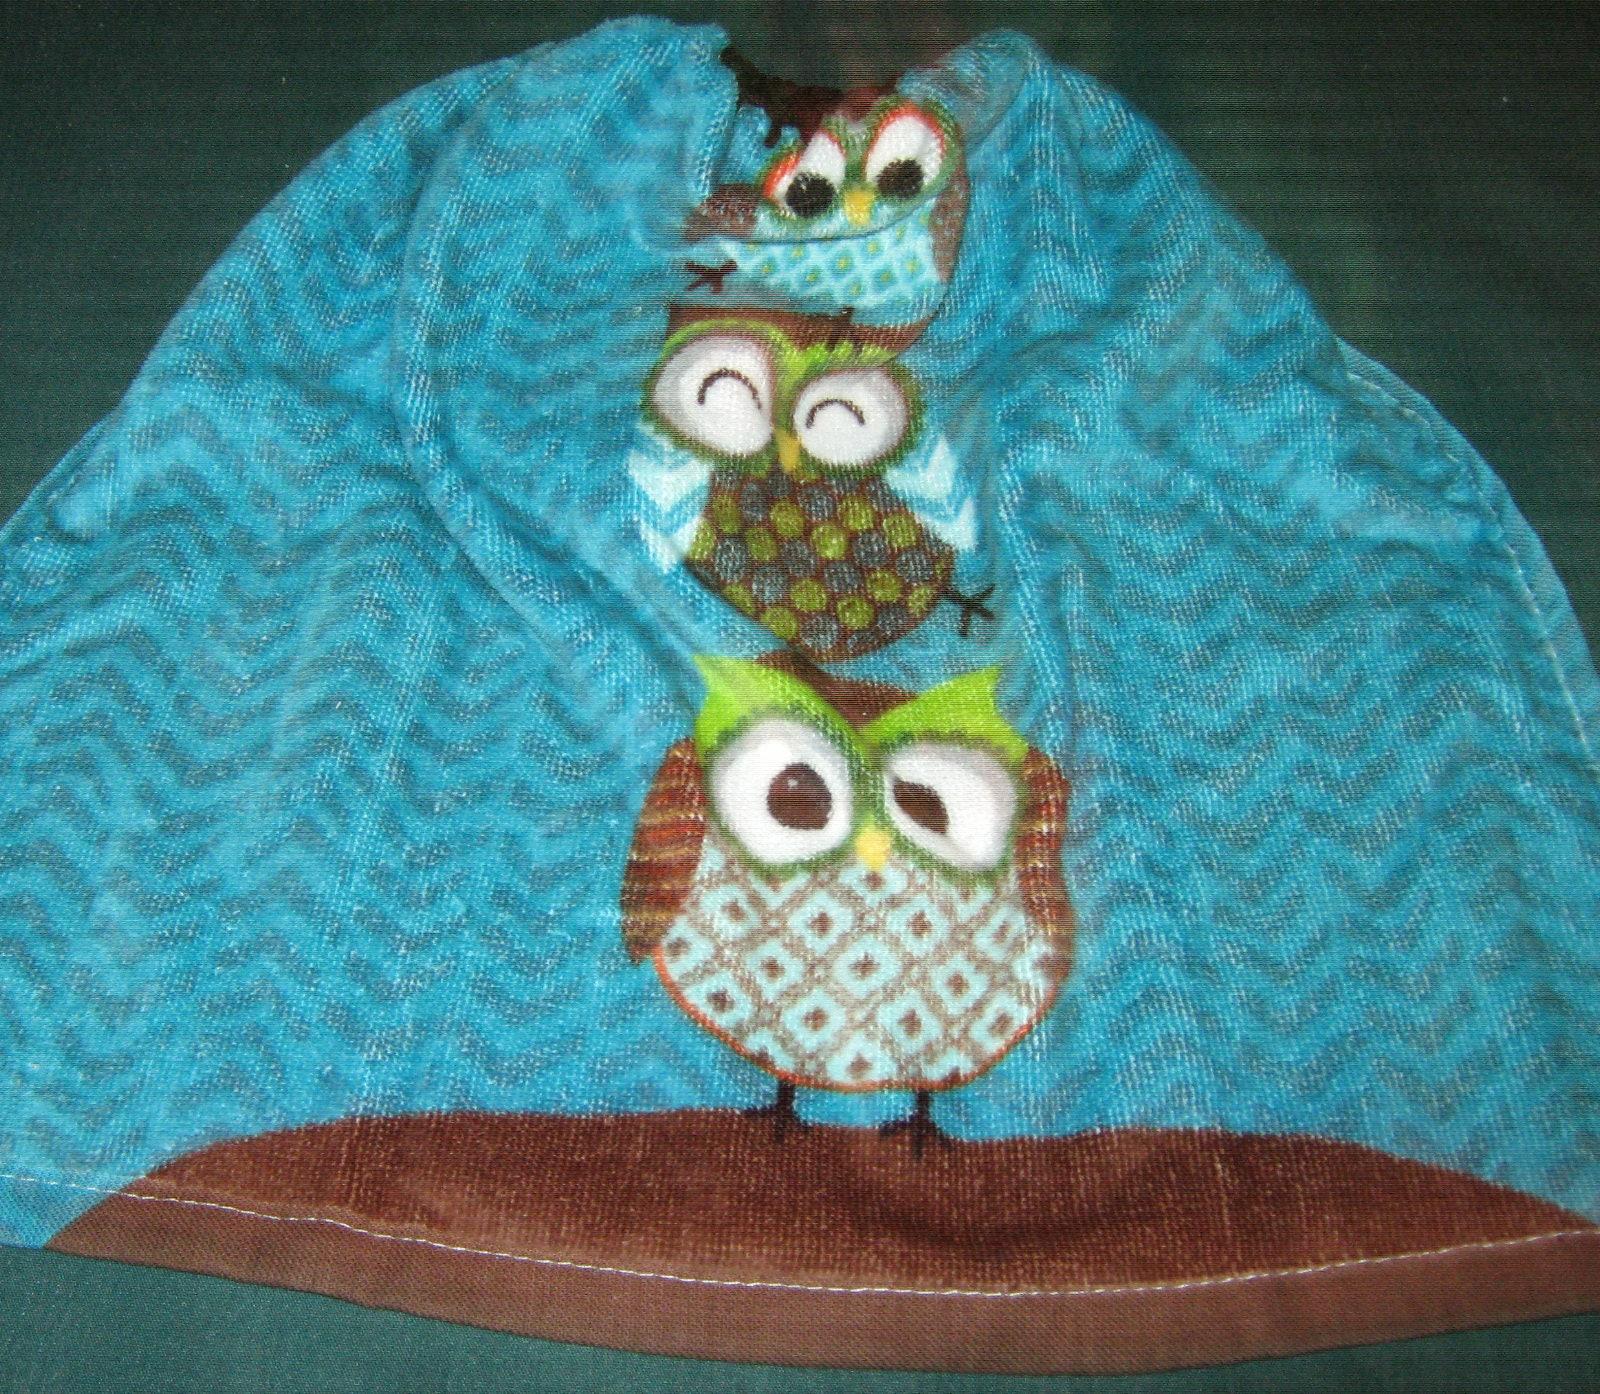 Crochet Kitchen Hanging Towel 3 Owls Brown Crochet top